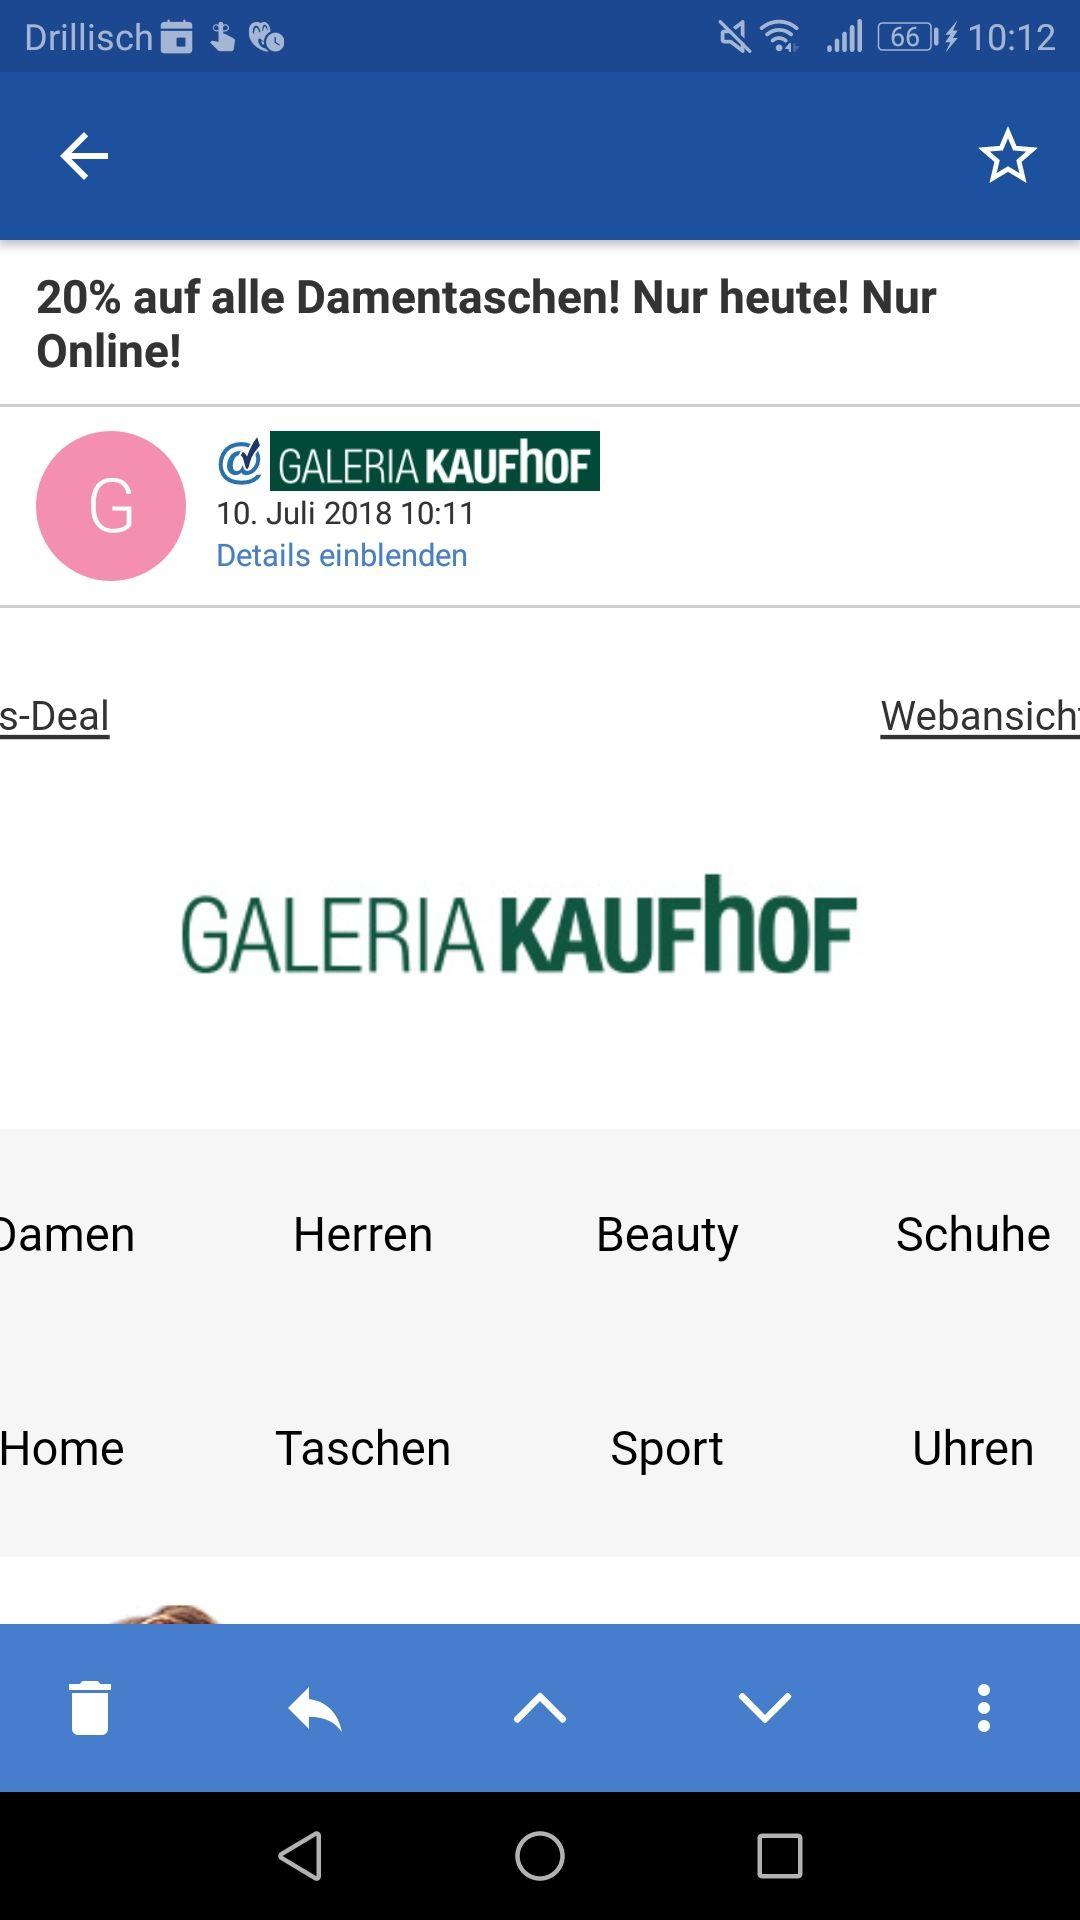 [Galeria Kaufhof] Tagesdeal - 20% auf ausgewählte Damentaschen